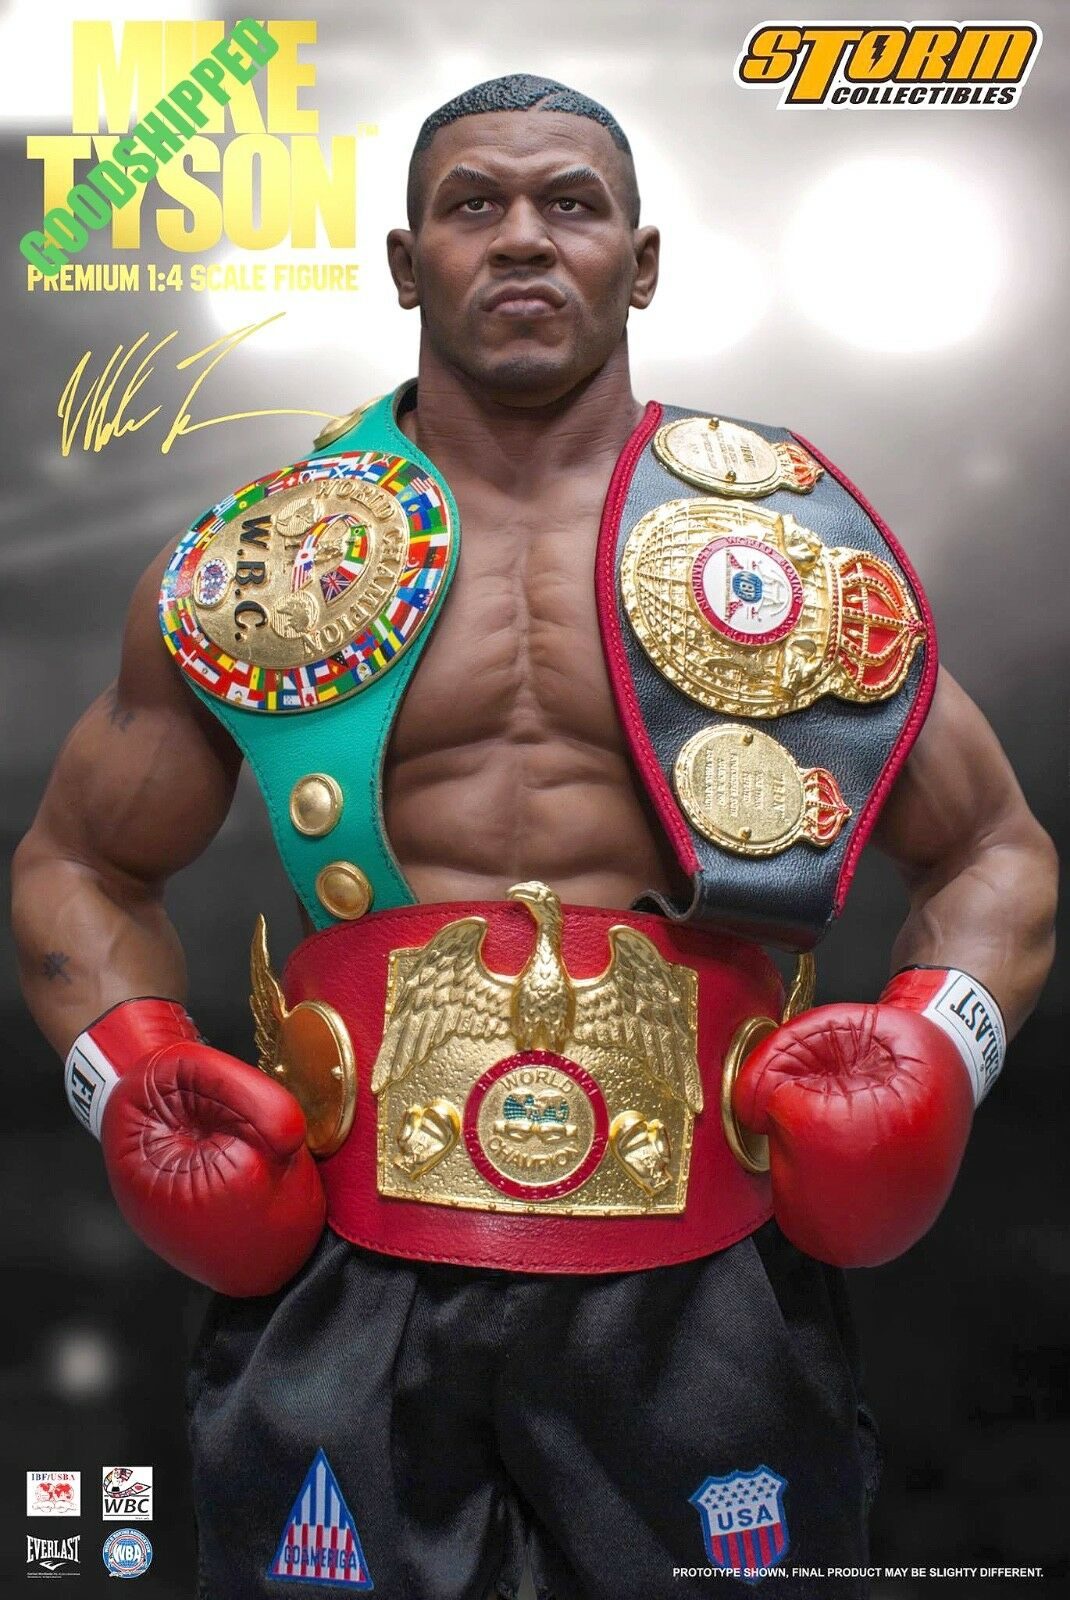 Precio por piso Storm Juguetes Mike Tyson peso pesado campeón campeón campeón de boxeo Everlast 1 4 estatua Listo Nuevo  calidad auténtica